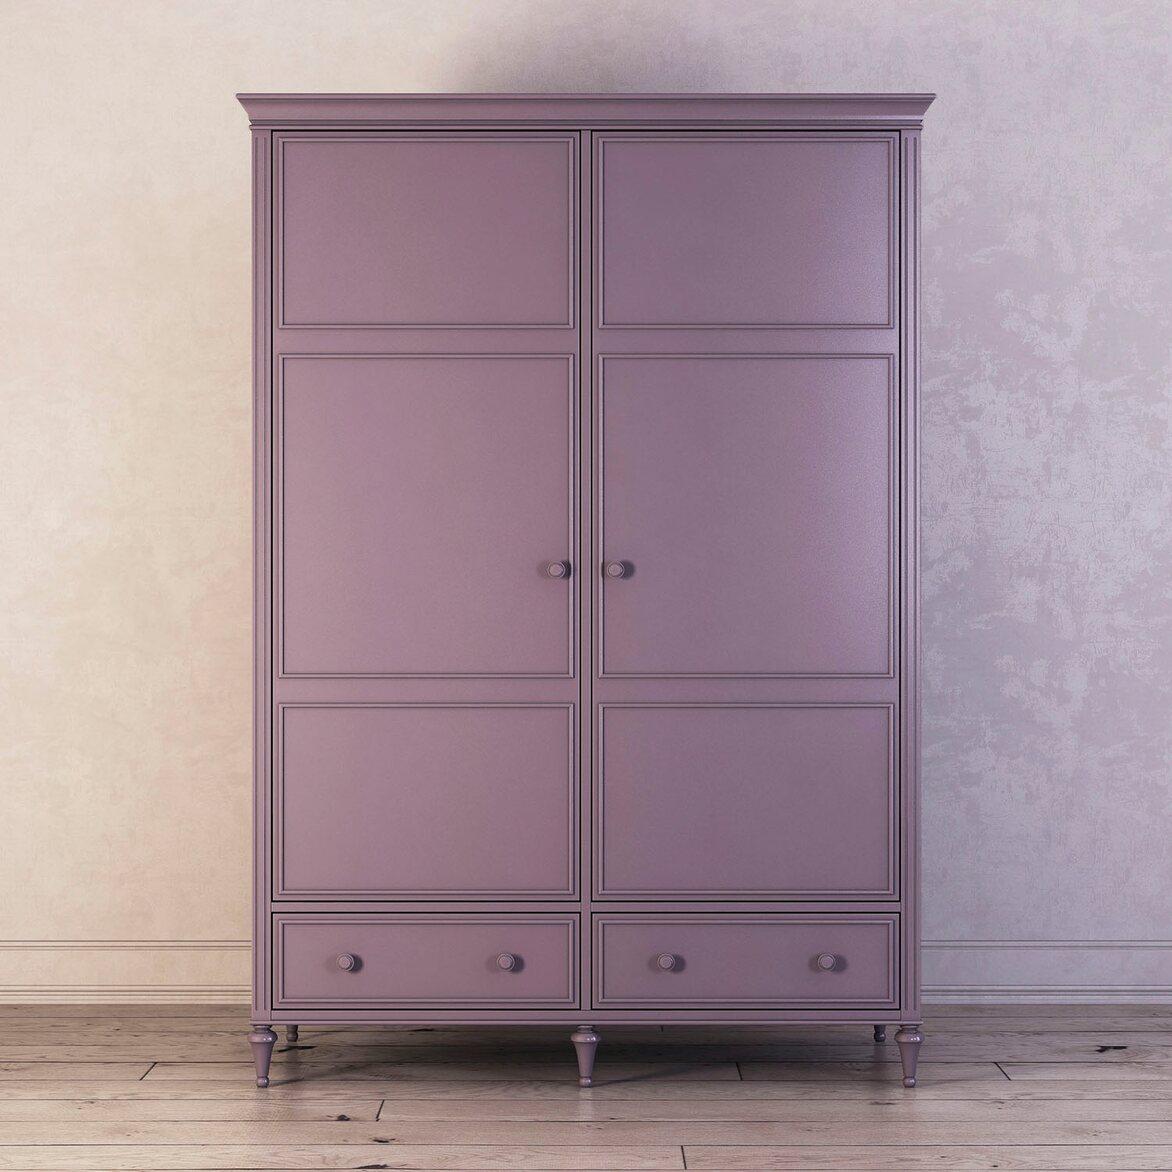 Шкаф двухстворчатый Riverdi, орхидея | Платяные шкафы Kingsby